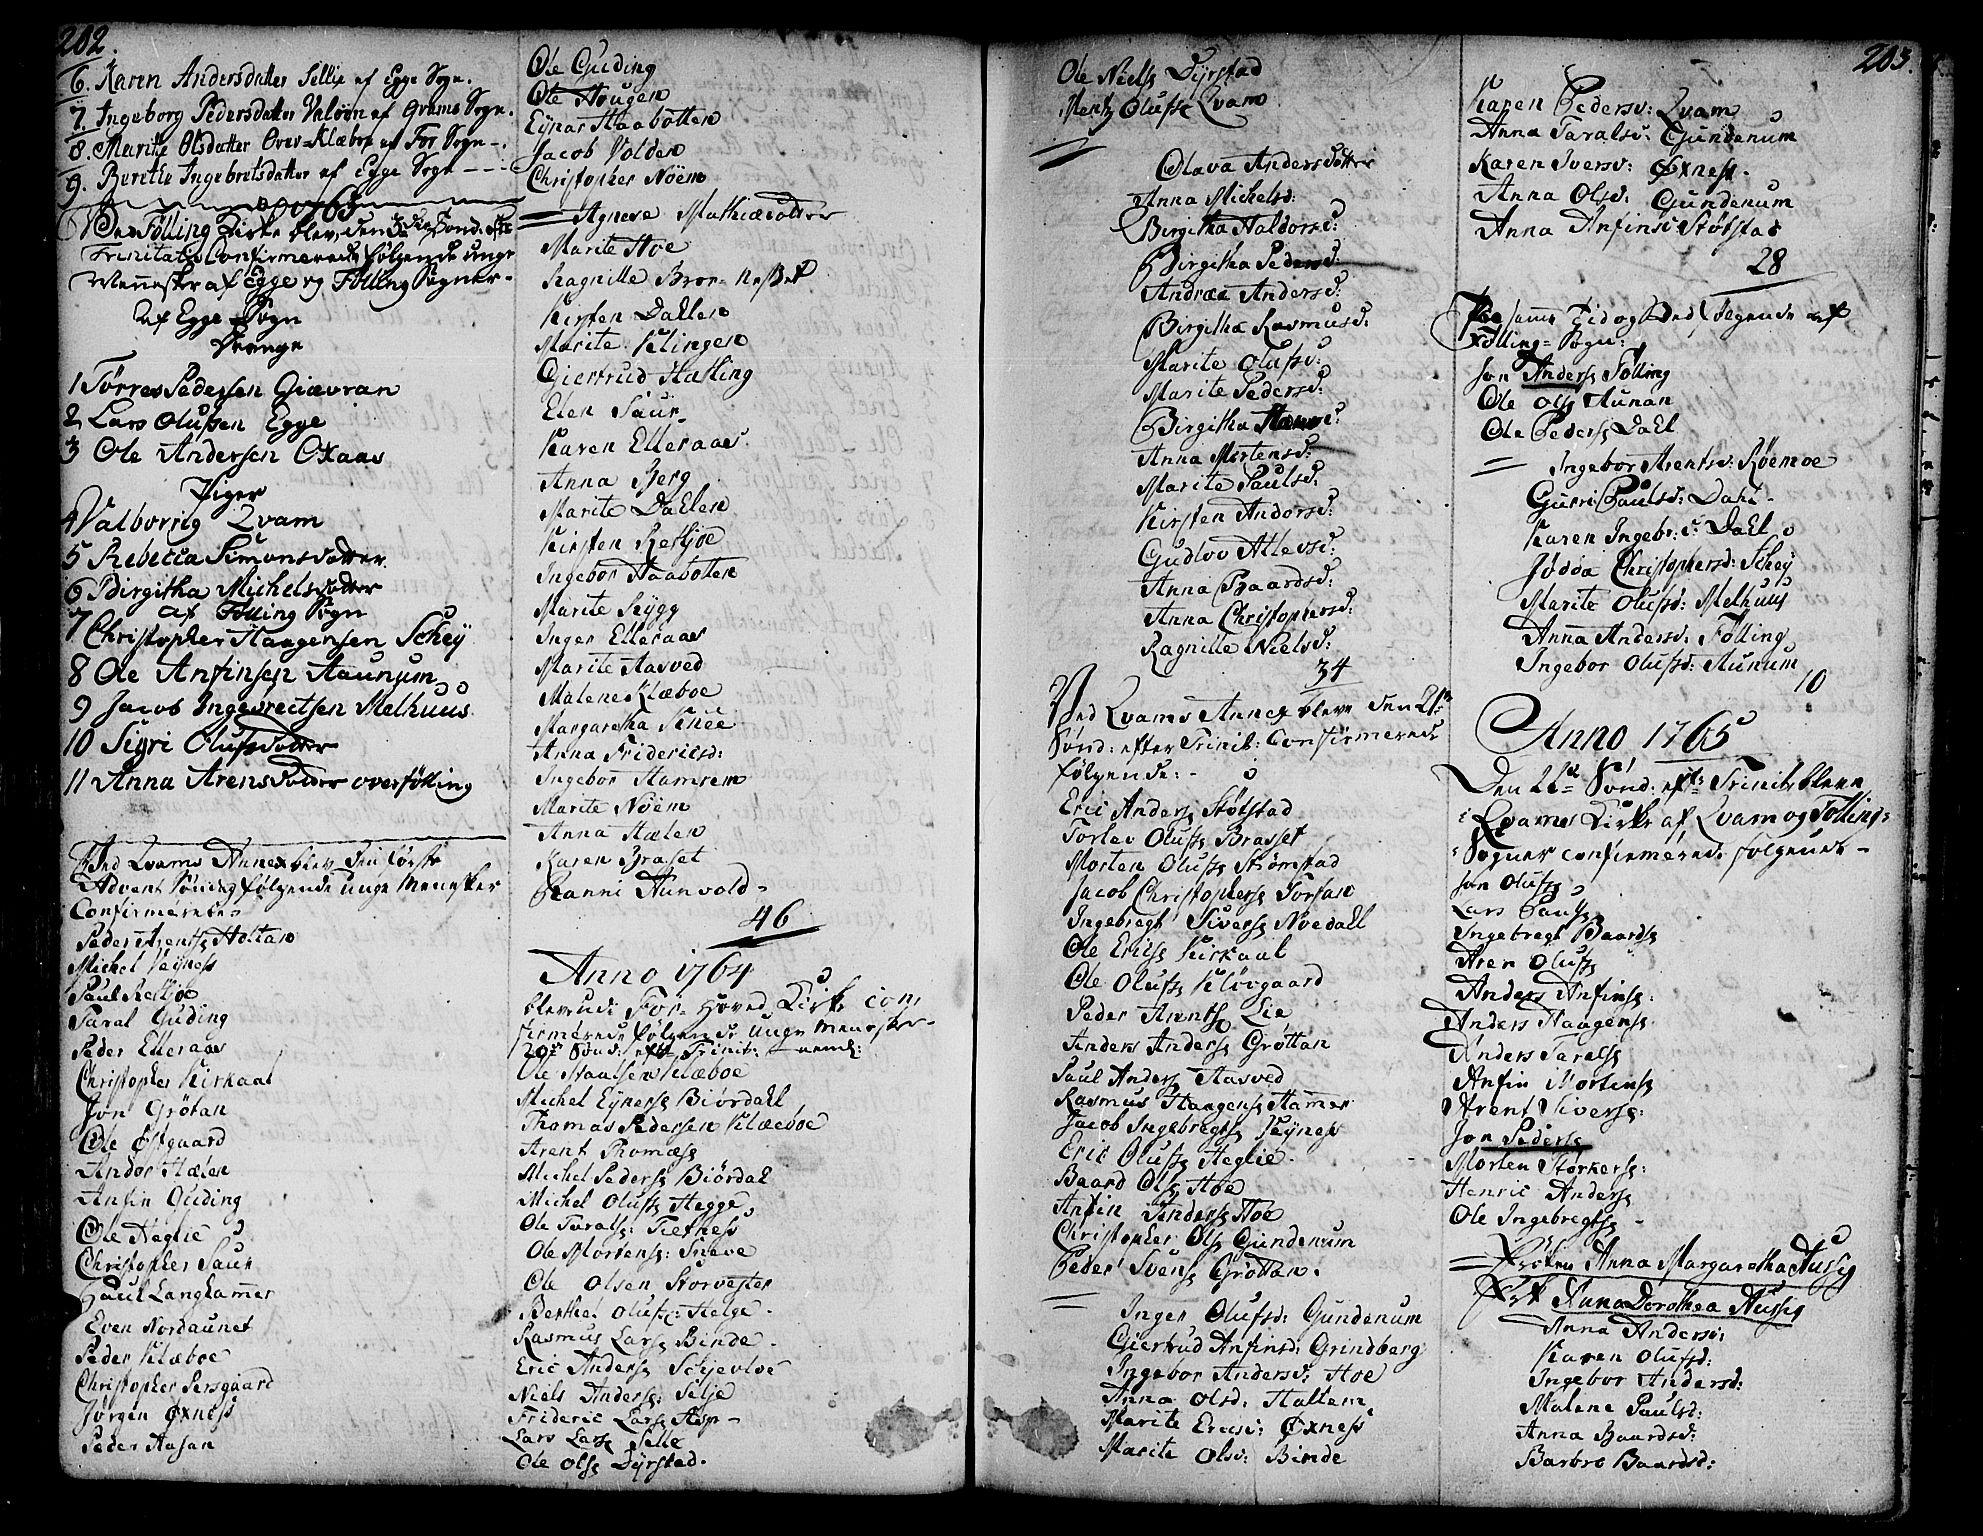 SAT, Ministerialprotokoller, klokkerbøker og fødselsregistre - Nord-Trøndelag, 746/L0440: Ministerialbok nr. 746A02, 1760-1815, s. 202-203